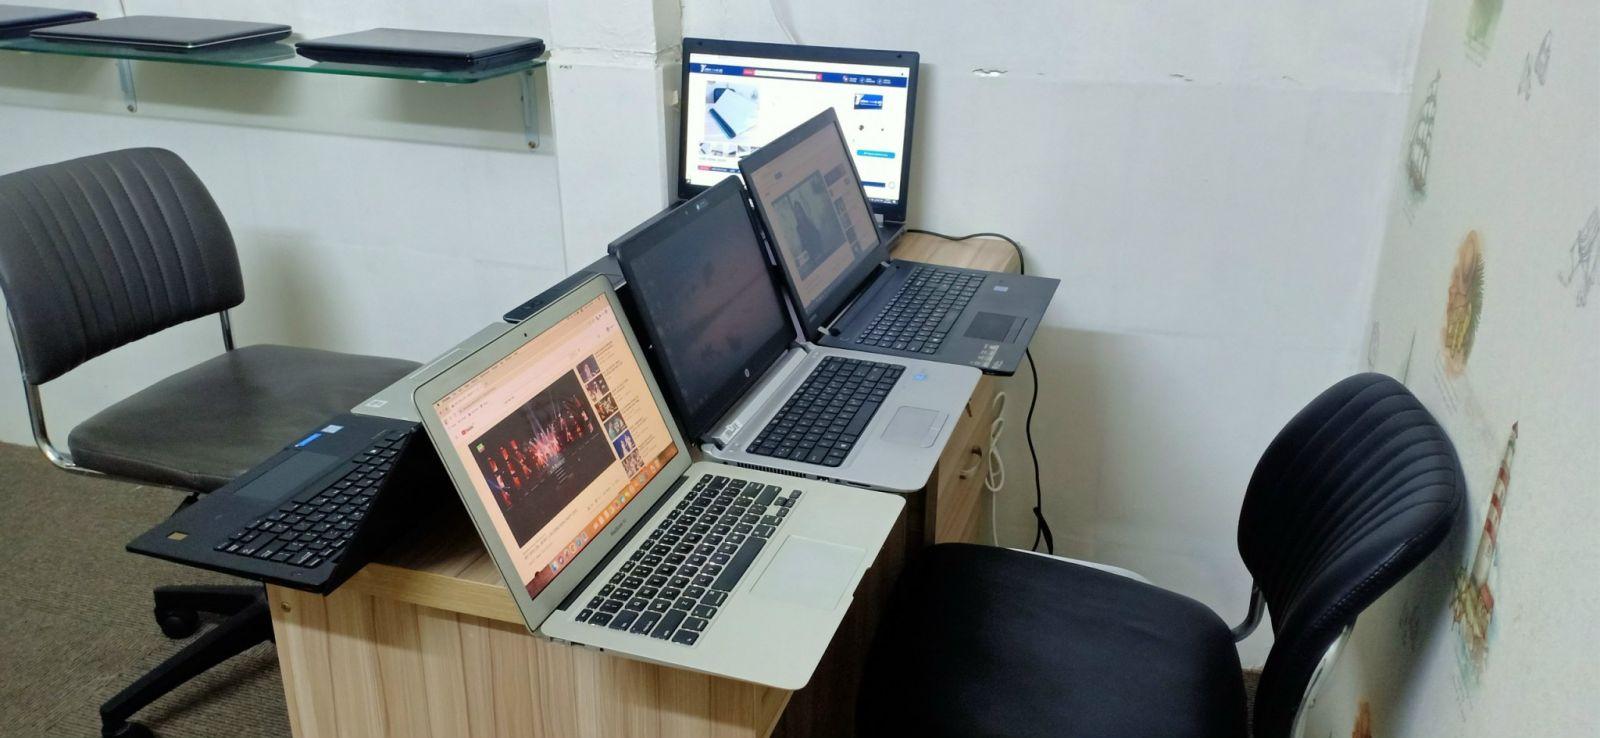 Tư vấn mua laptop làm đồ họa và chơi games